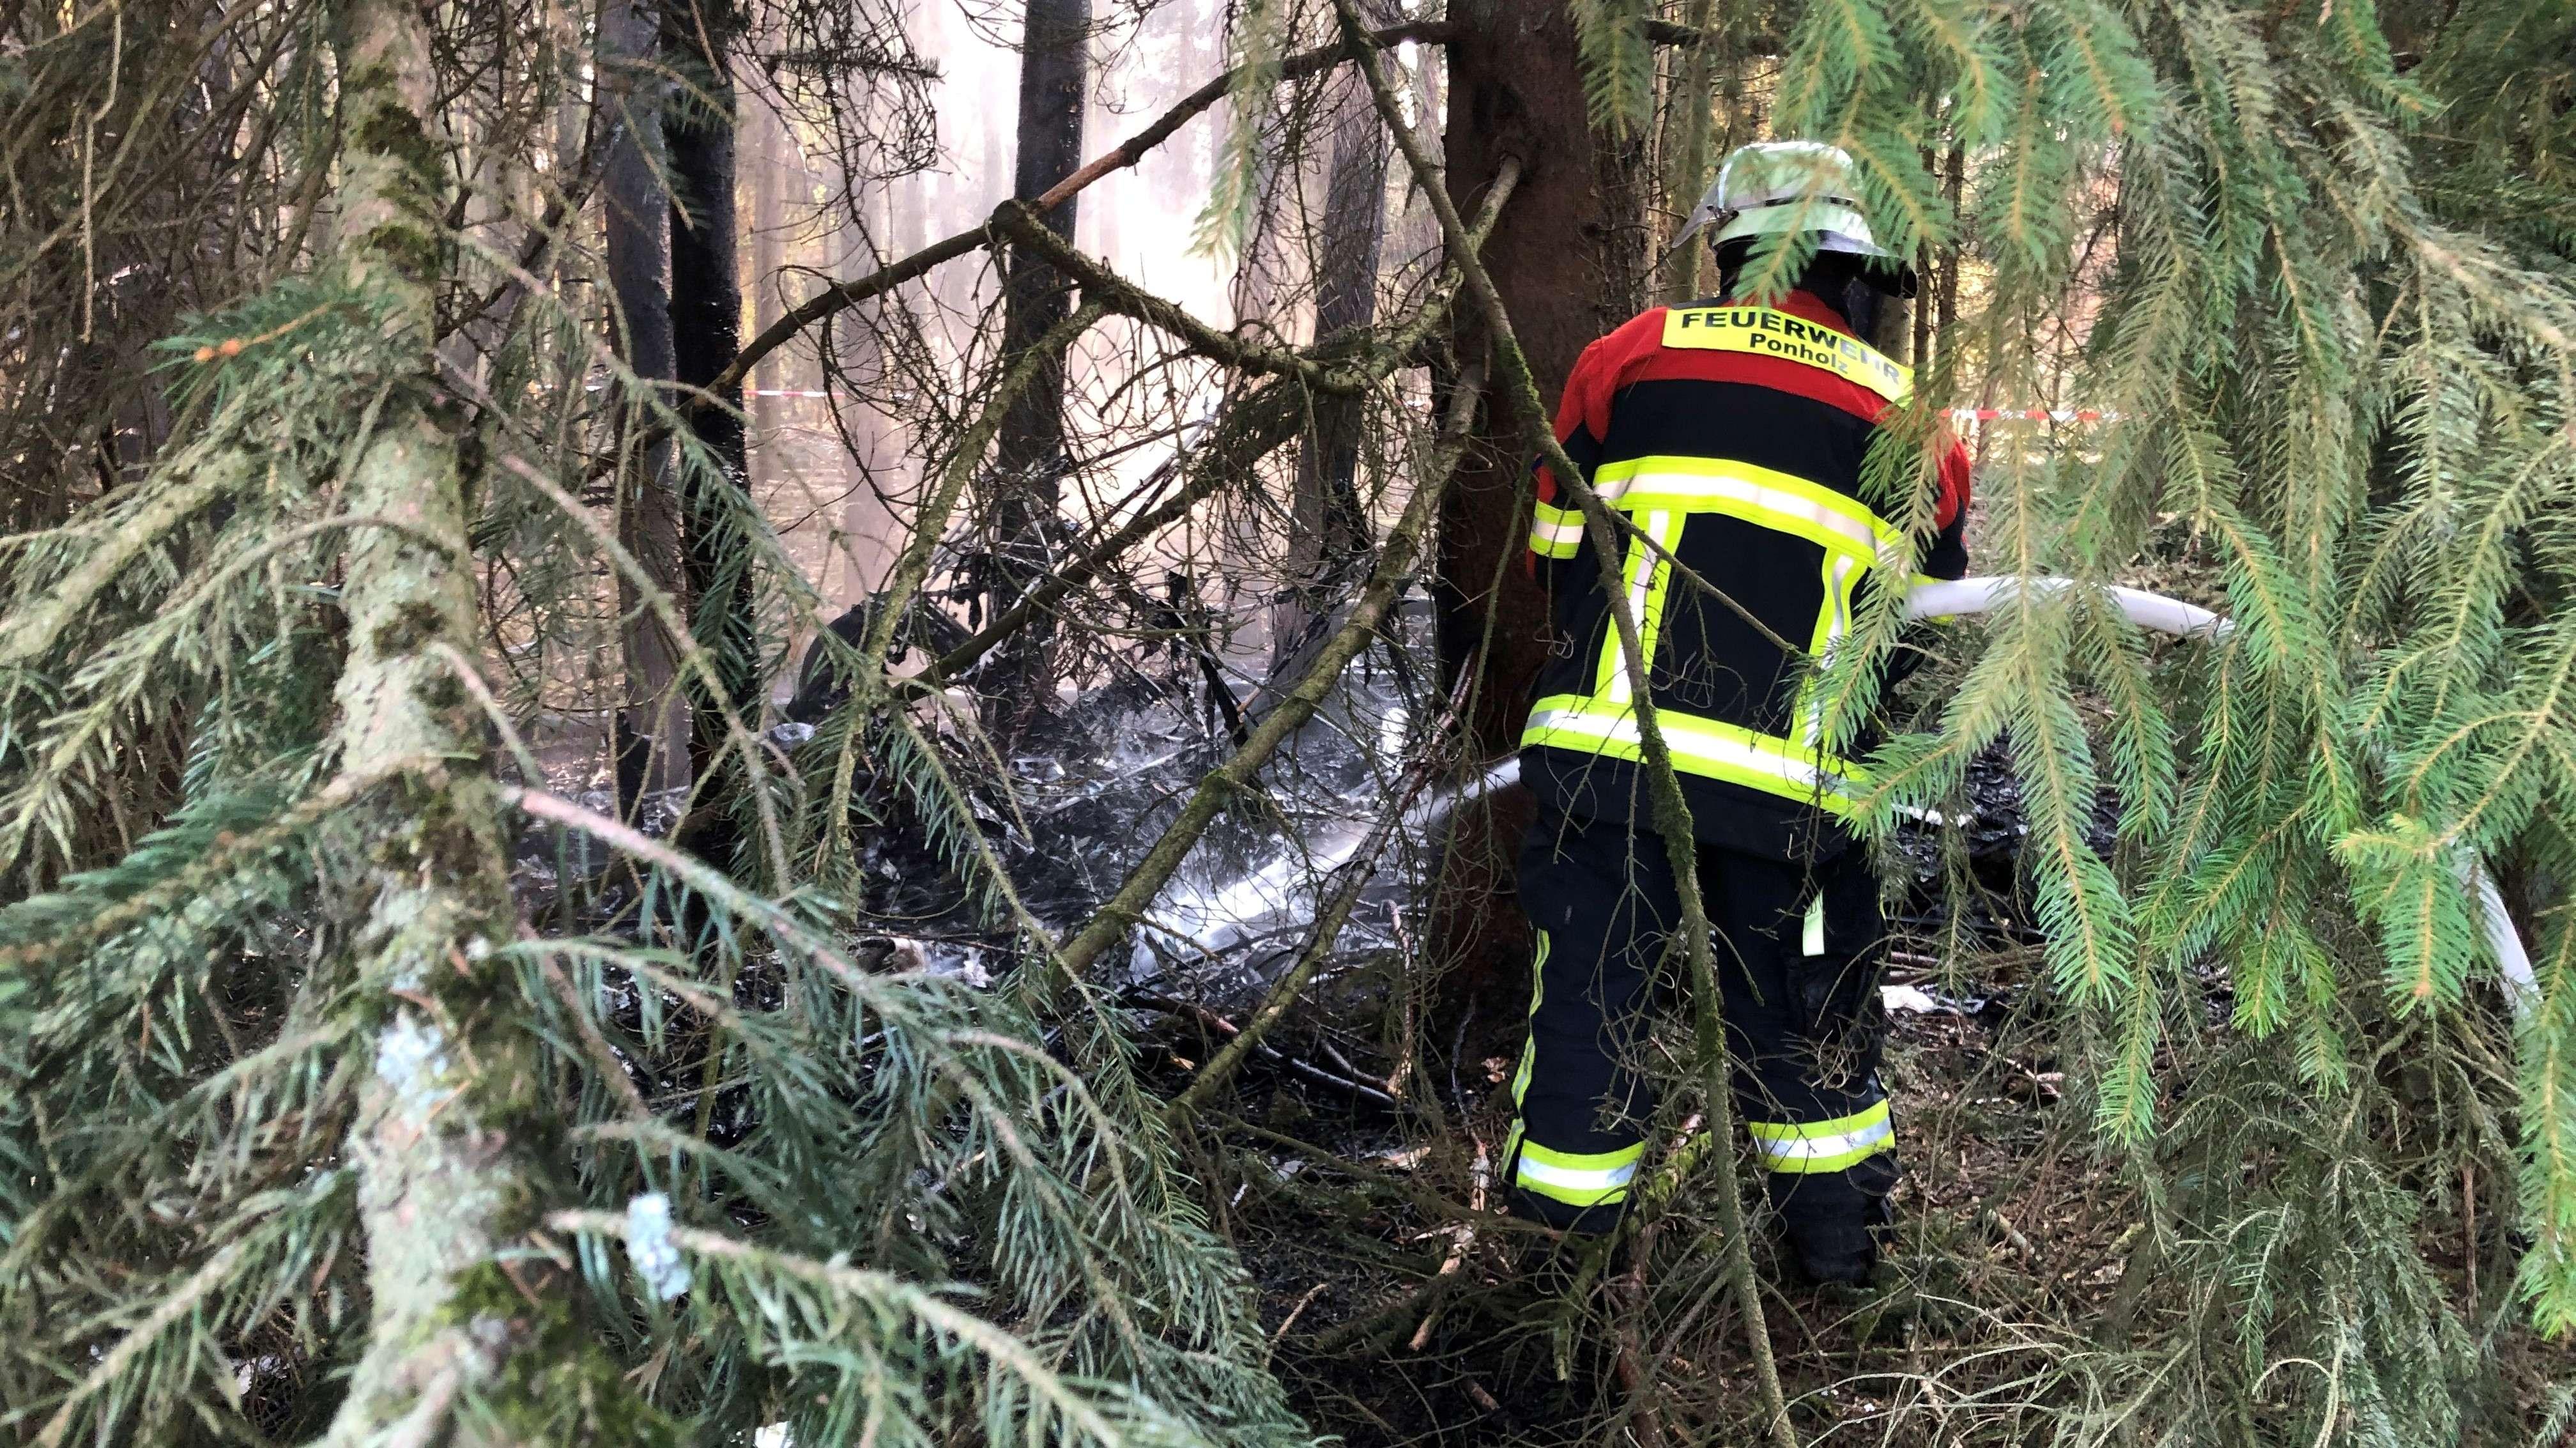 Der Doppeldecker vom Typ Comet war am Sonntag in der Nähe von Maxhütte-Haidhof in den Wald gestürzt und in Brand geraten.